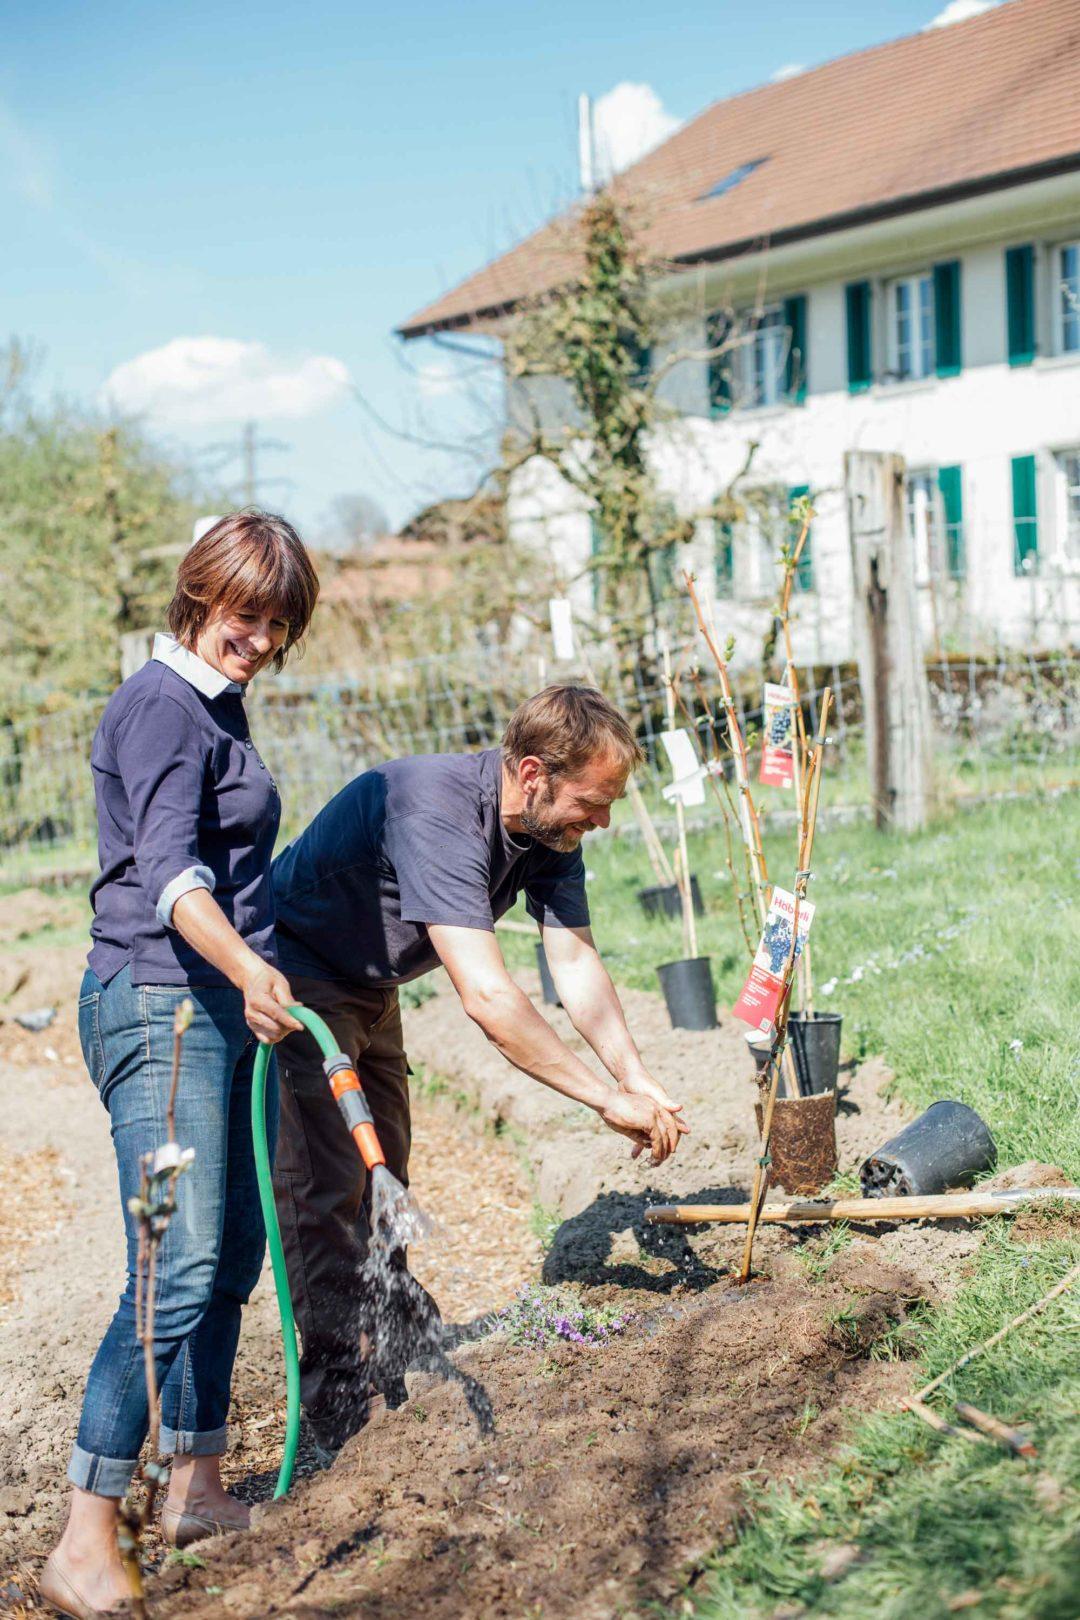 Mischi und Stefan pflegen die Pflanzen